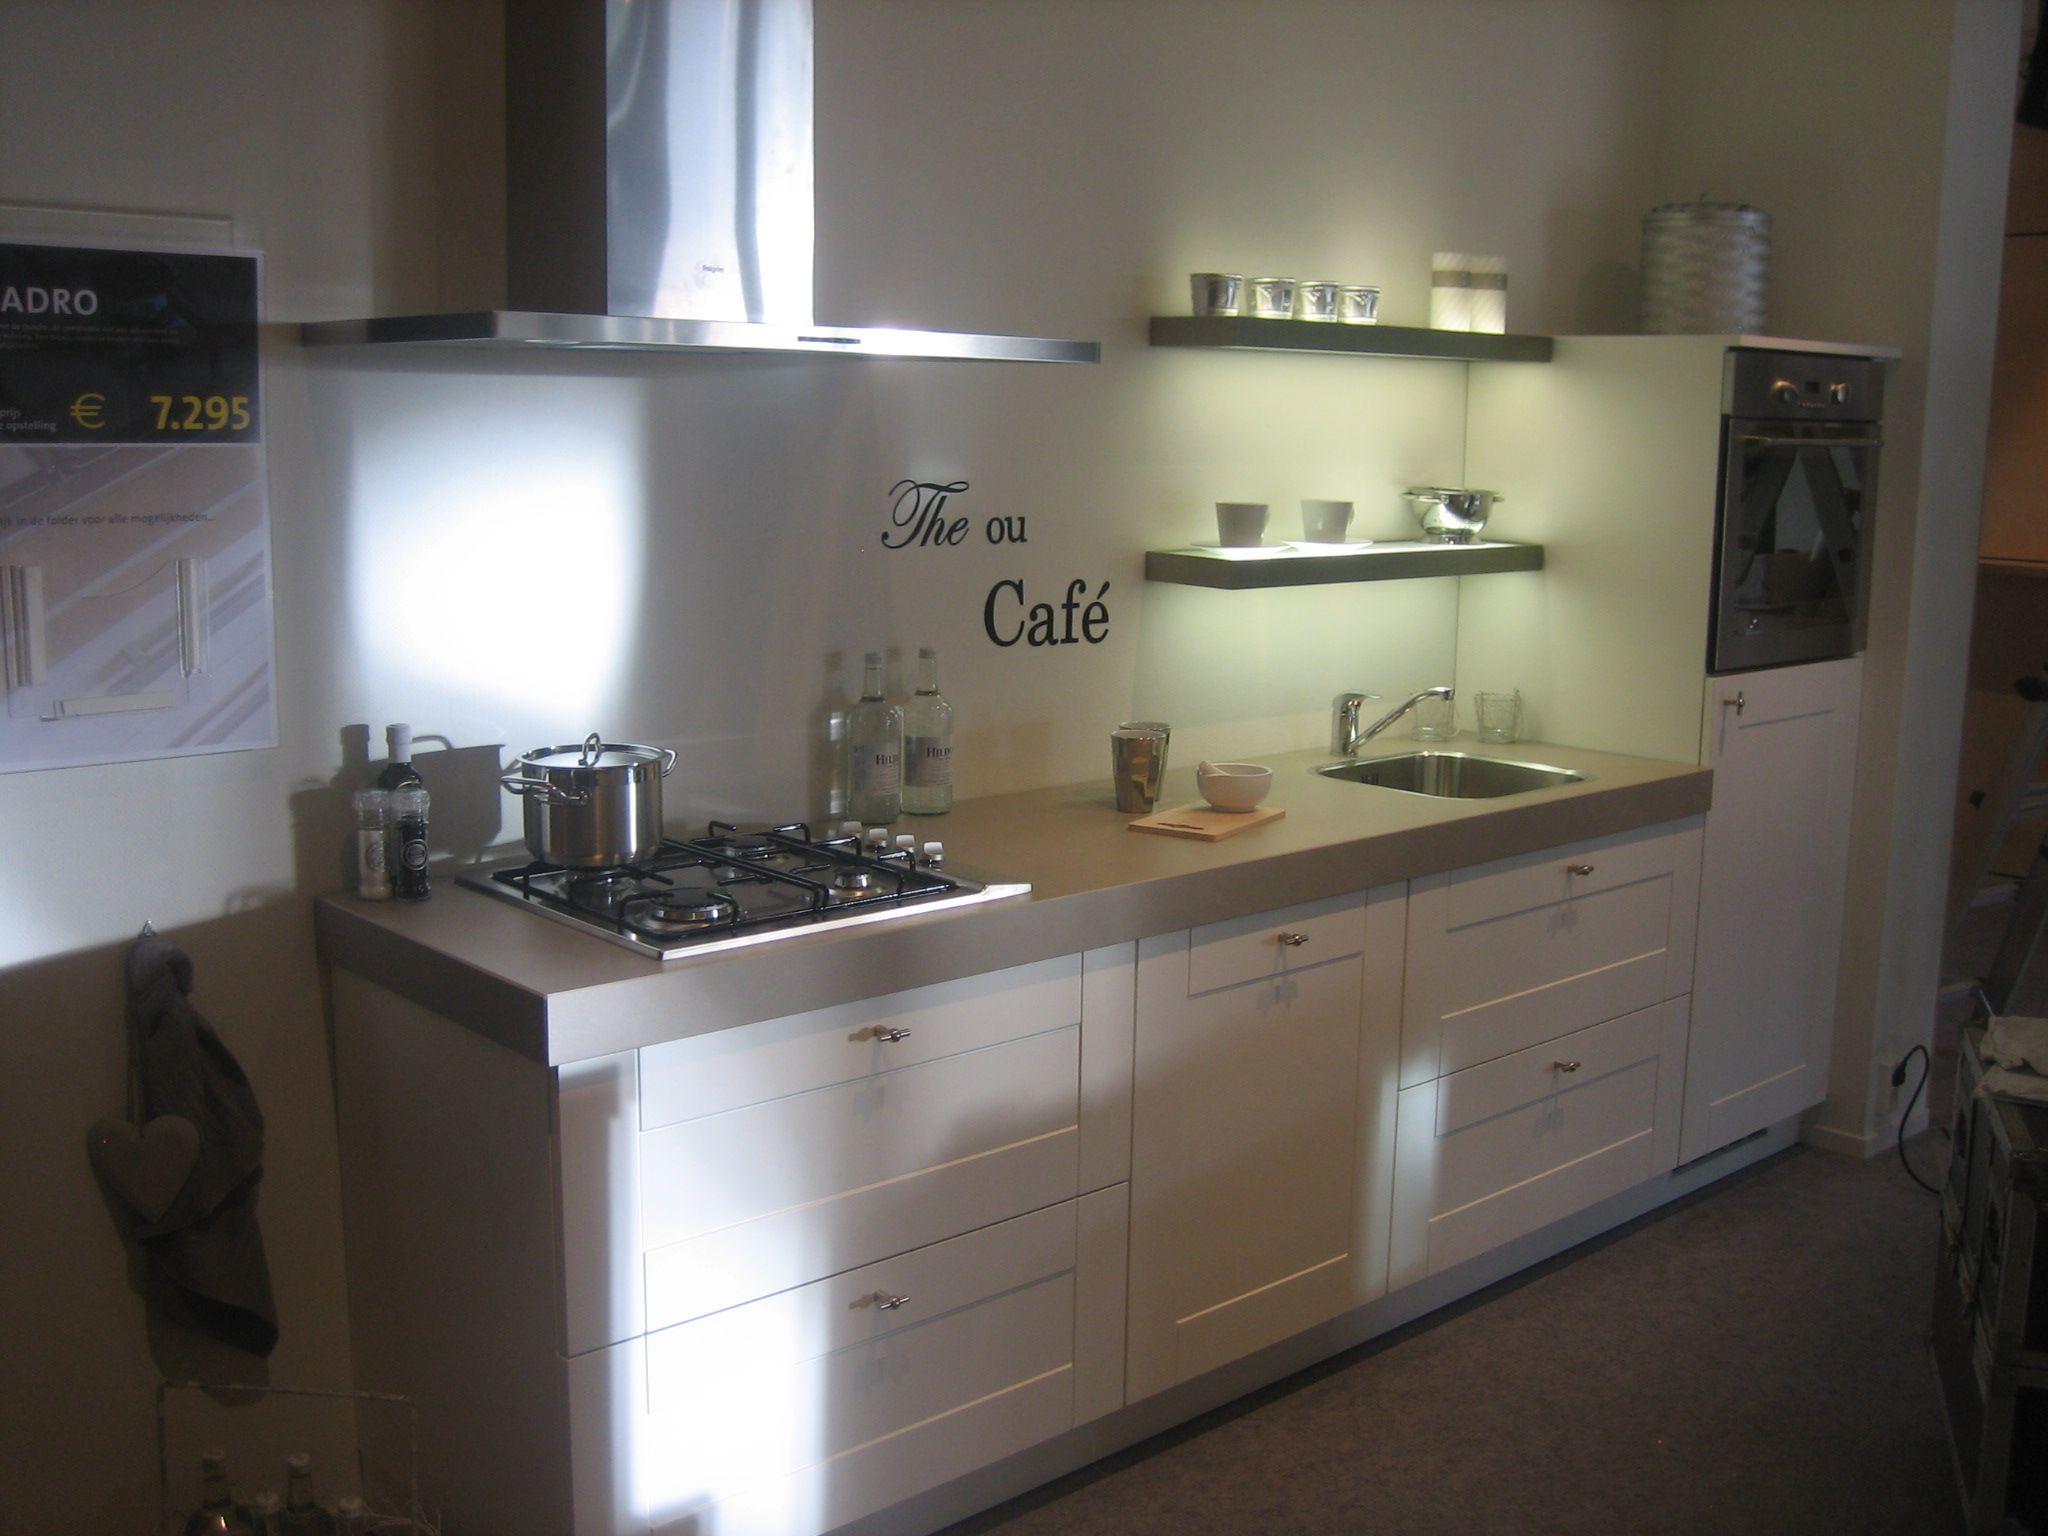 ... zeer lage keuken prijzen : Bruynzeel showroomkeukens Quadro [53569